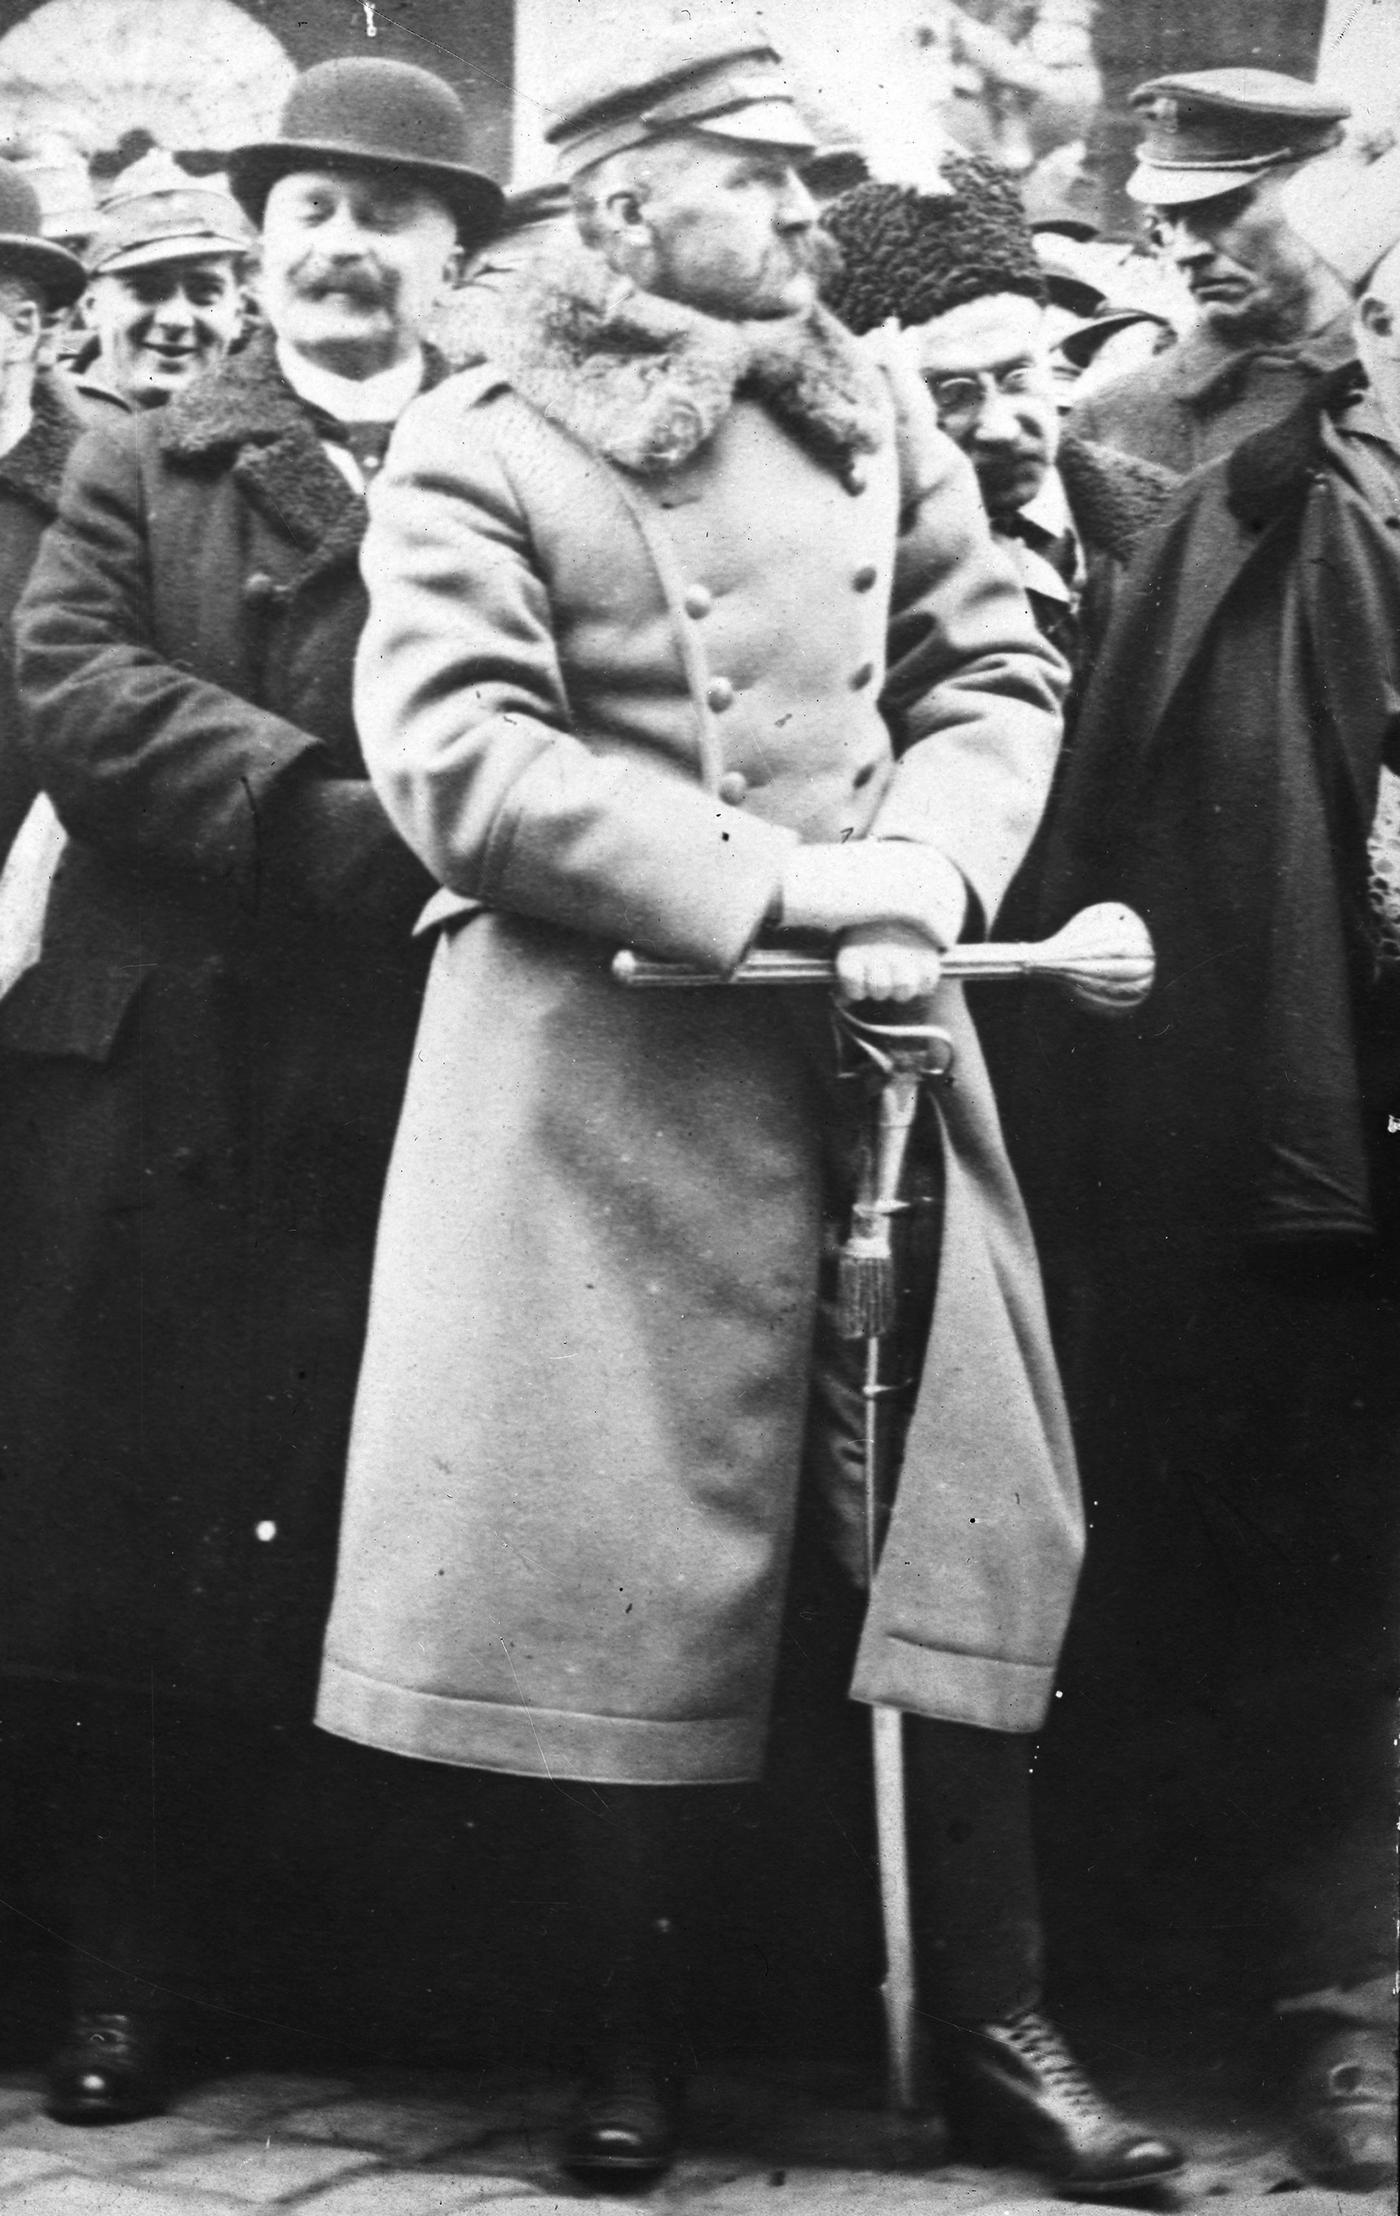 Brak zdecydowania Piłsudskiego bardzo niekorzystnie wpływał na przebieg operacji kijowskiej.